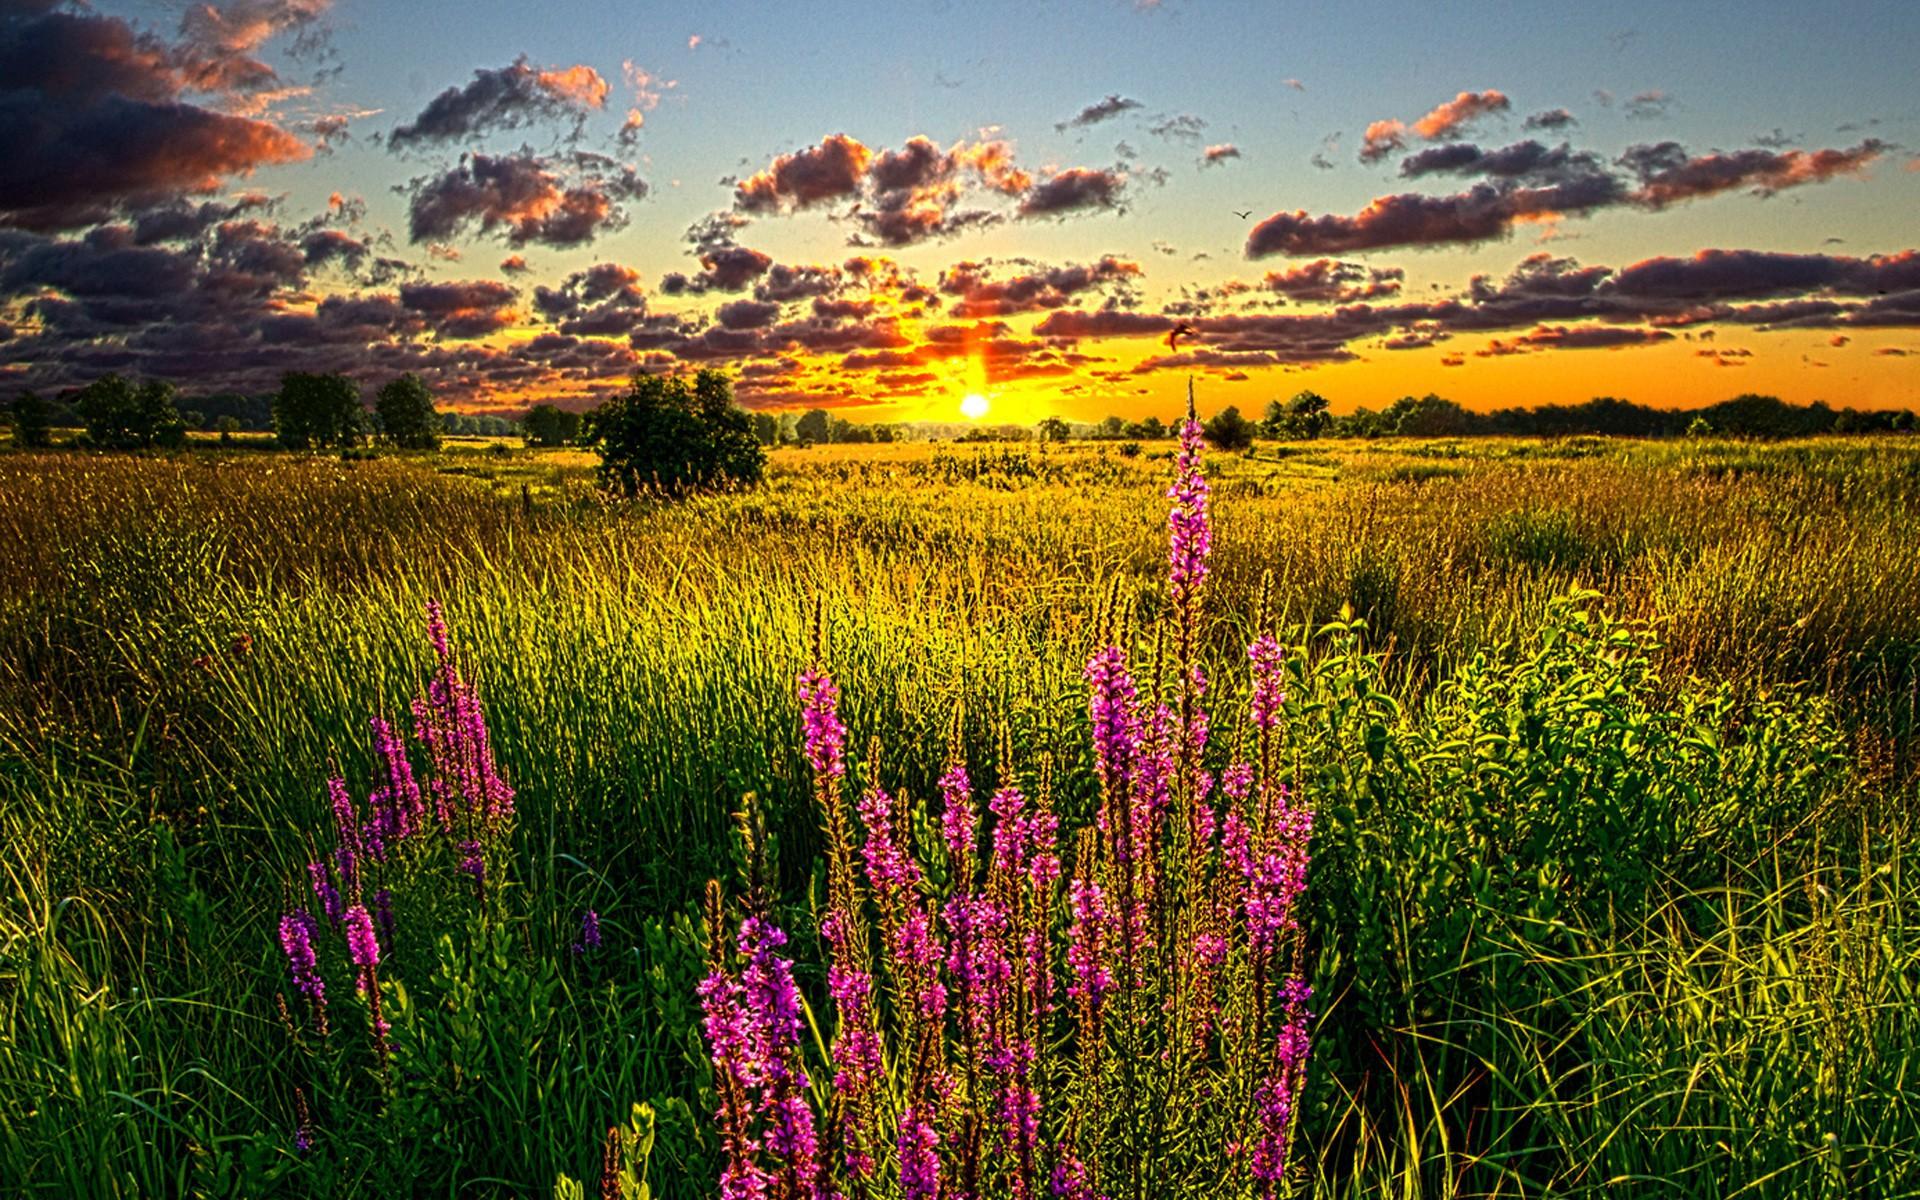 بالصور خلفيات طبيعية ساحرة , شاهد جمال الطبيعة الخلاب 6413 8